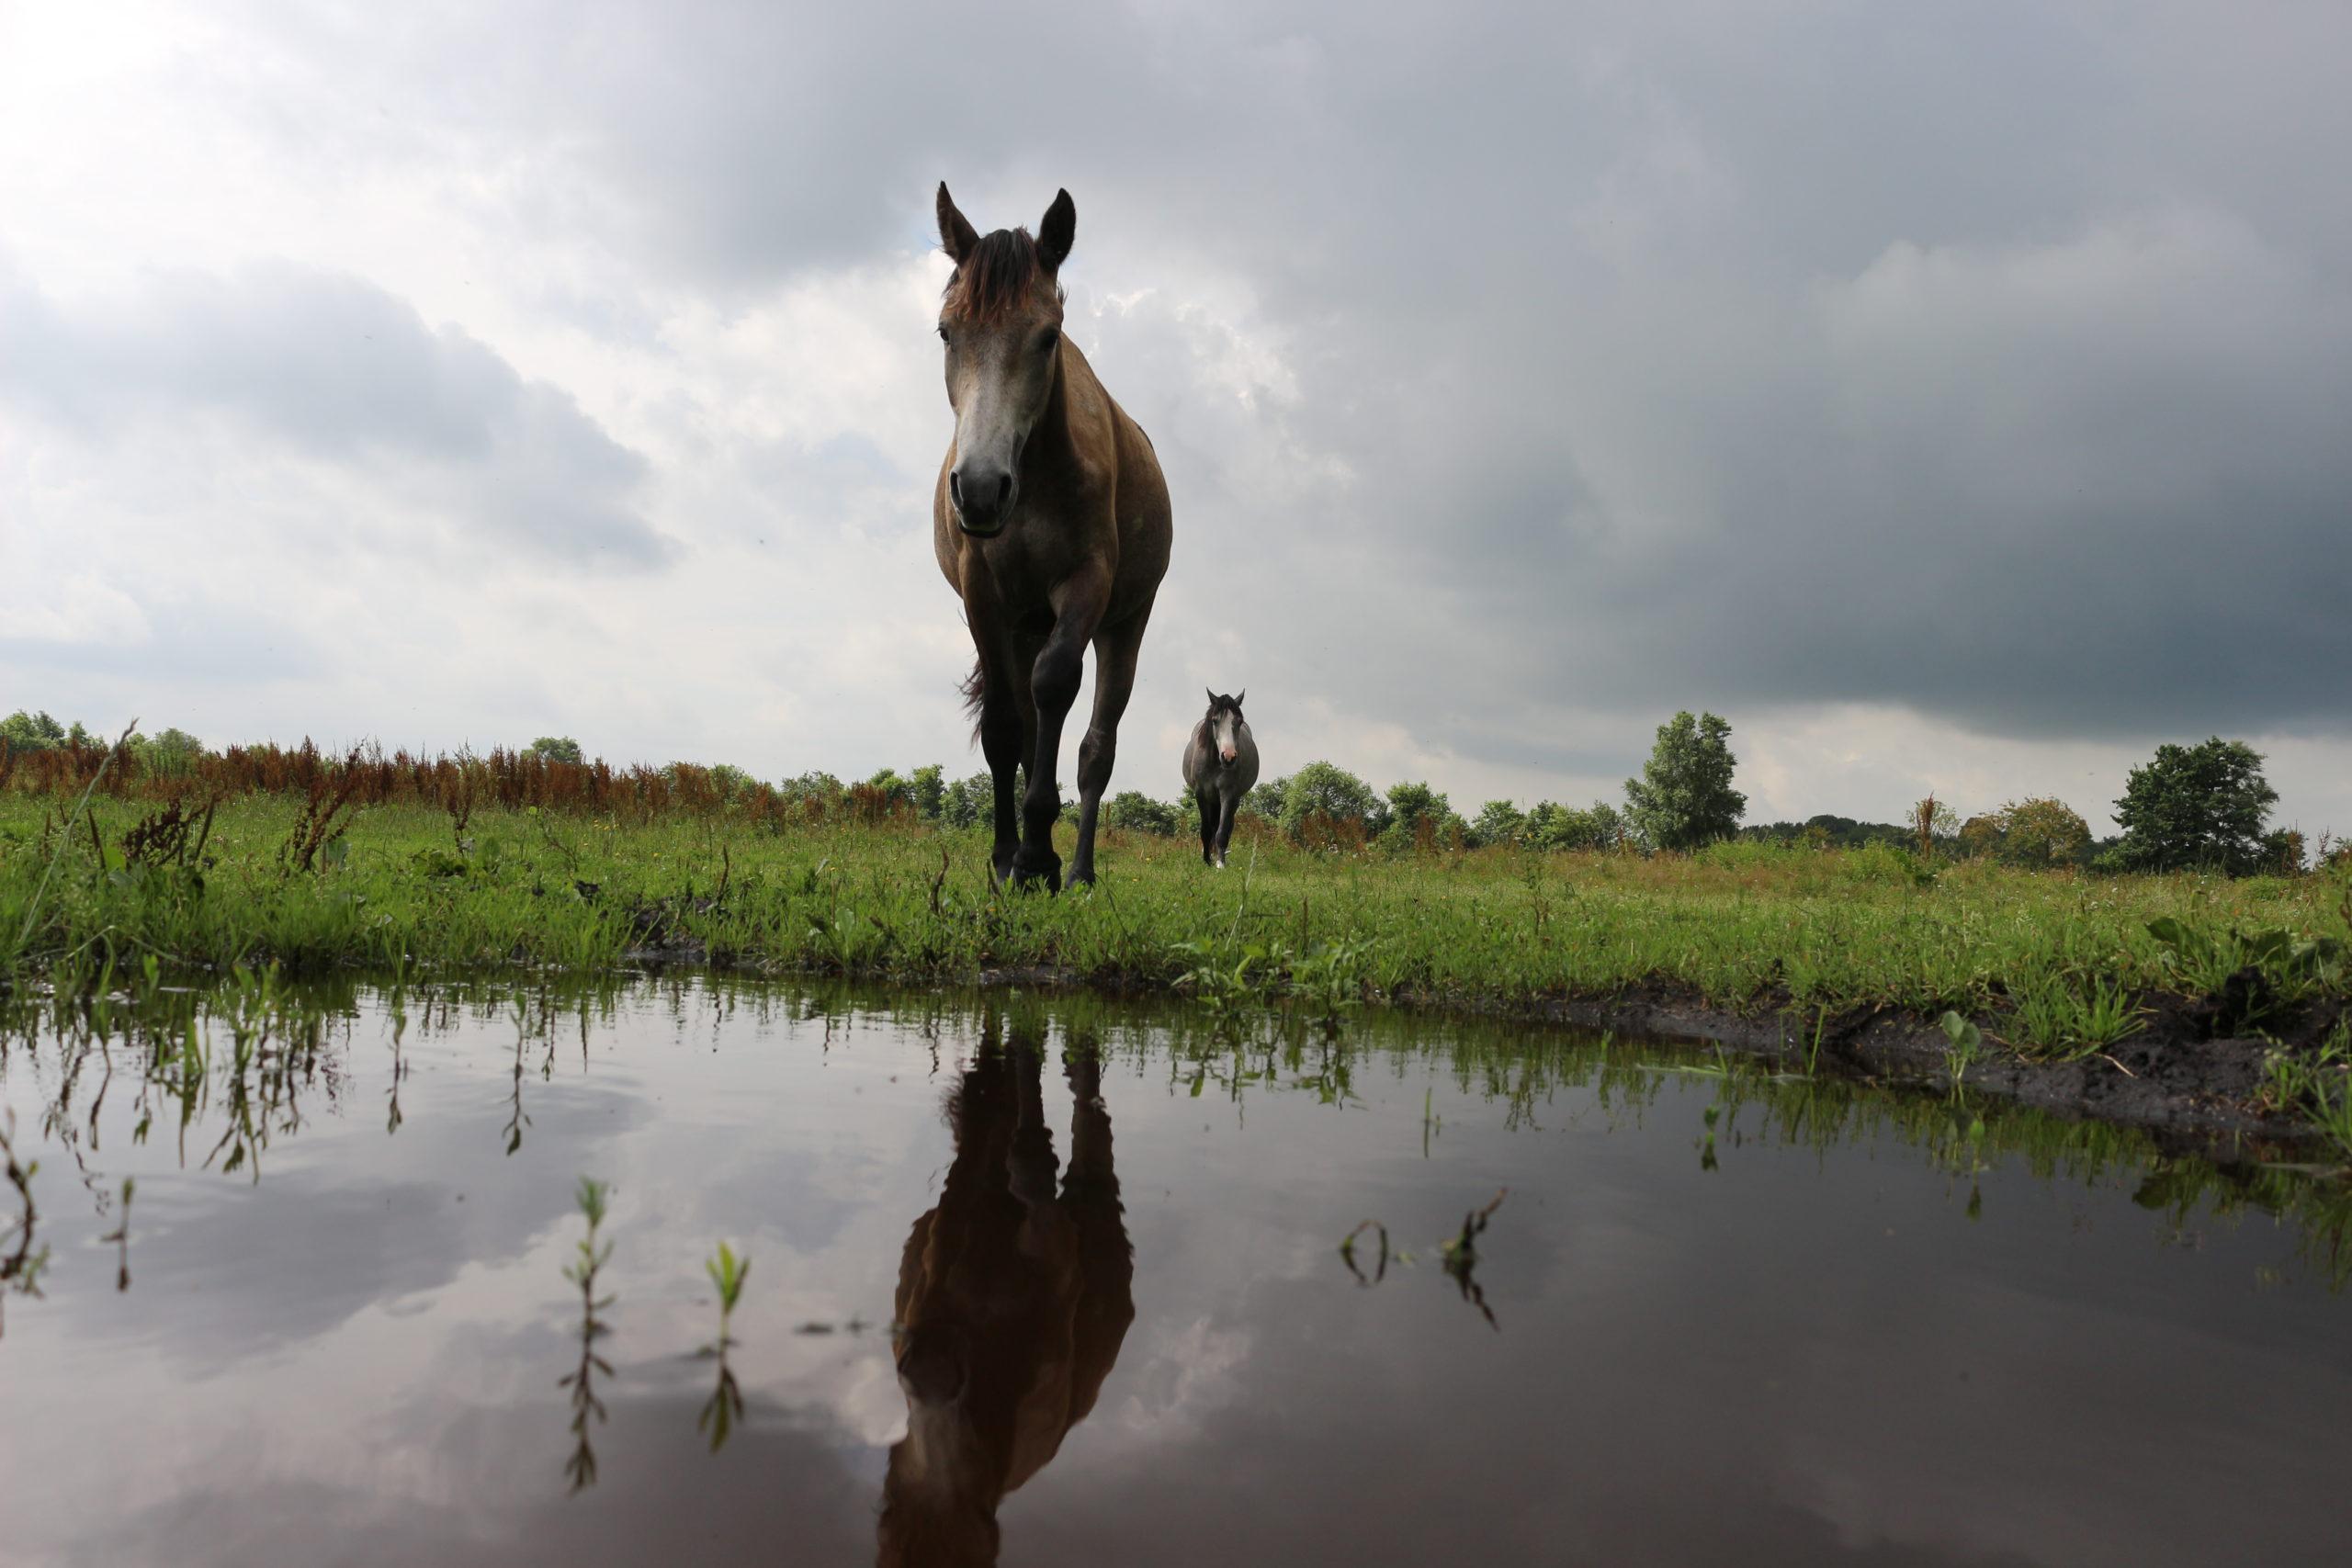 Pferde fotografieren – Einfache Tipps für spektakuläre Ergebnisse